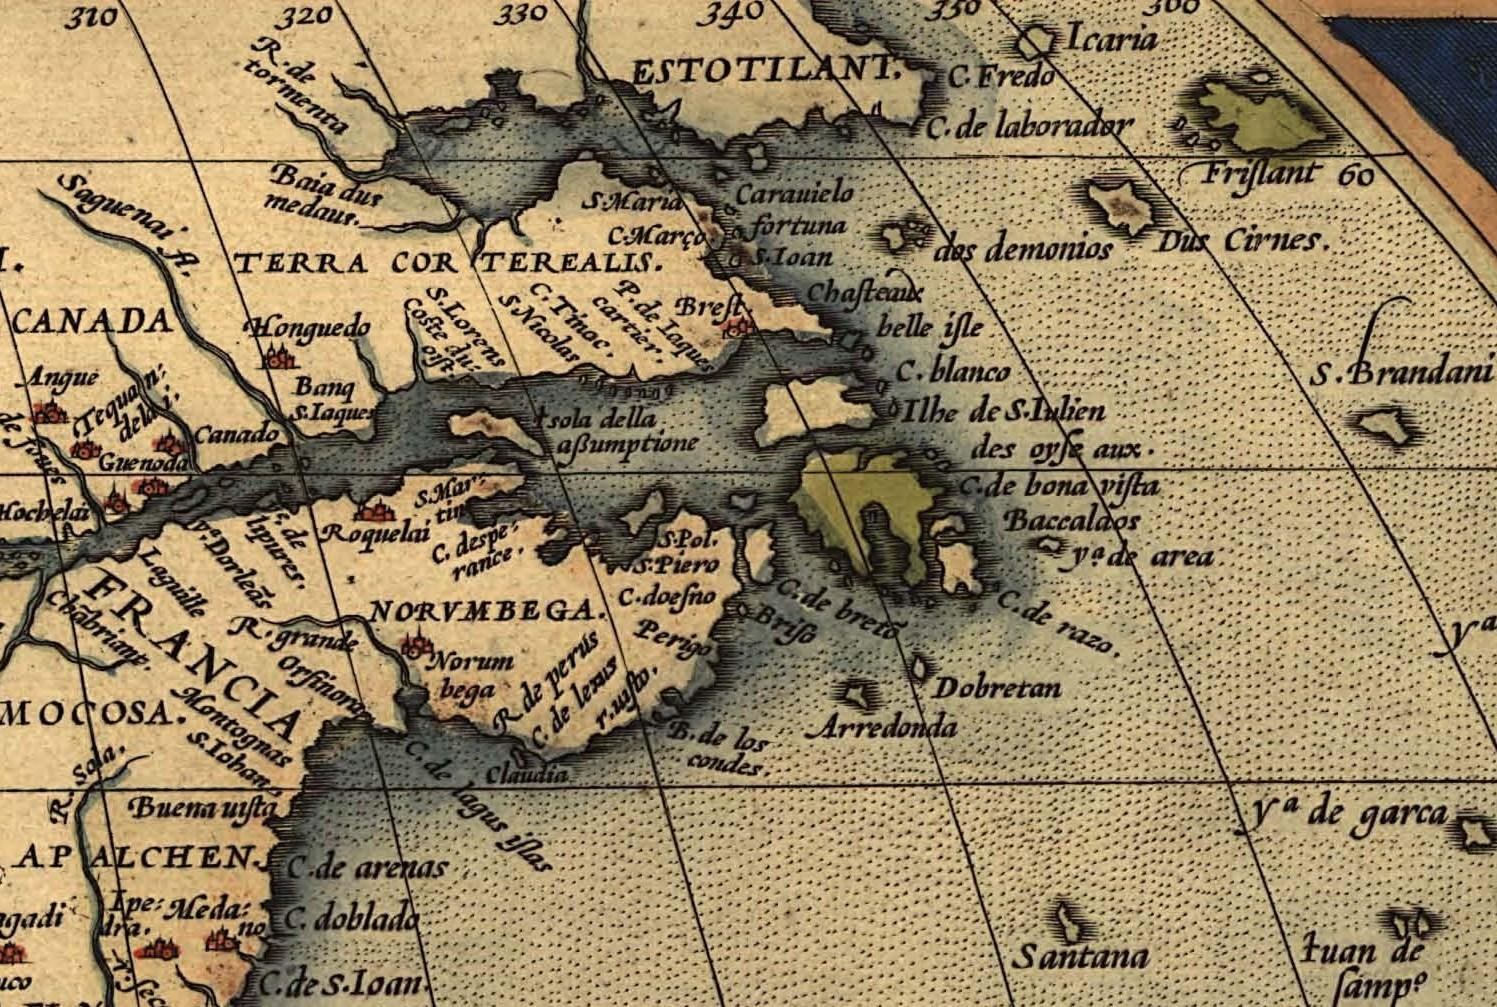 [Ortelius map]